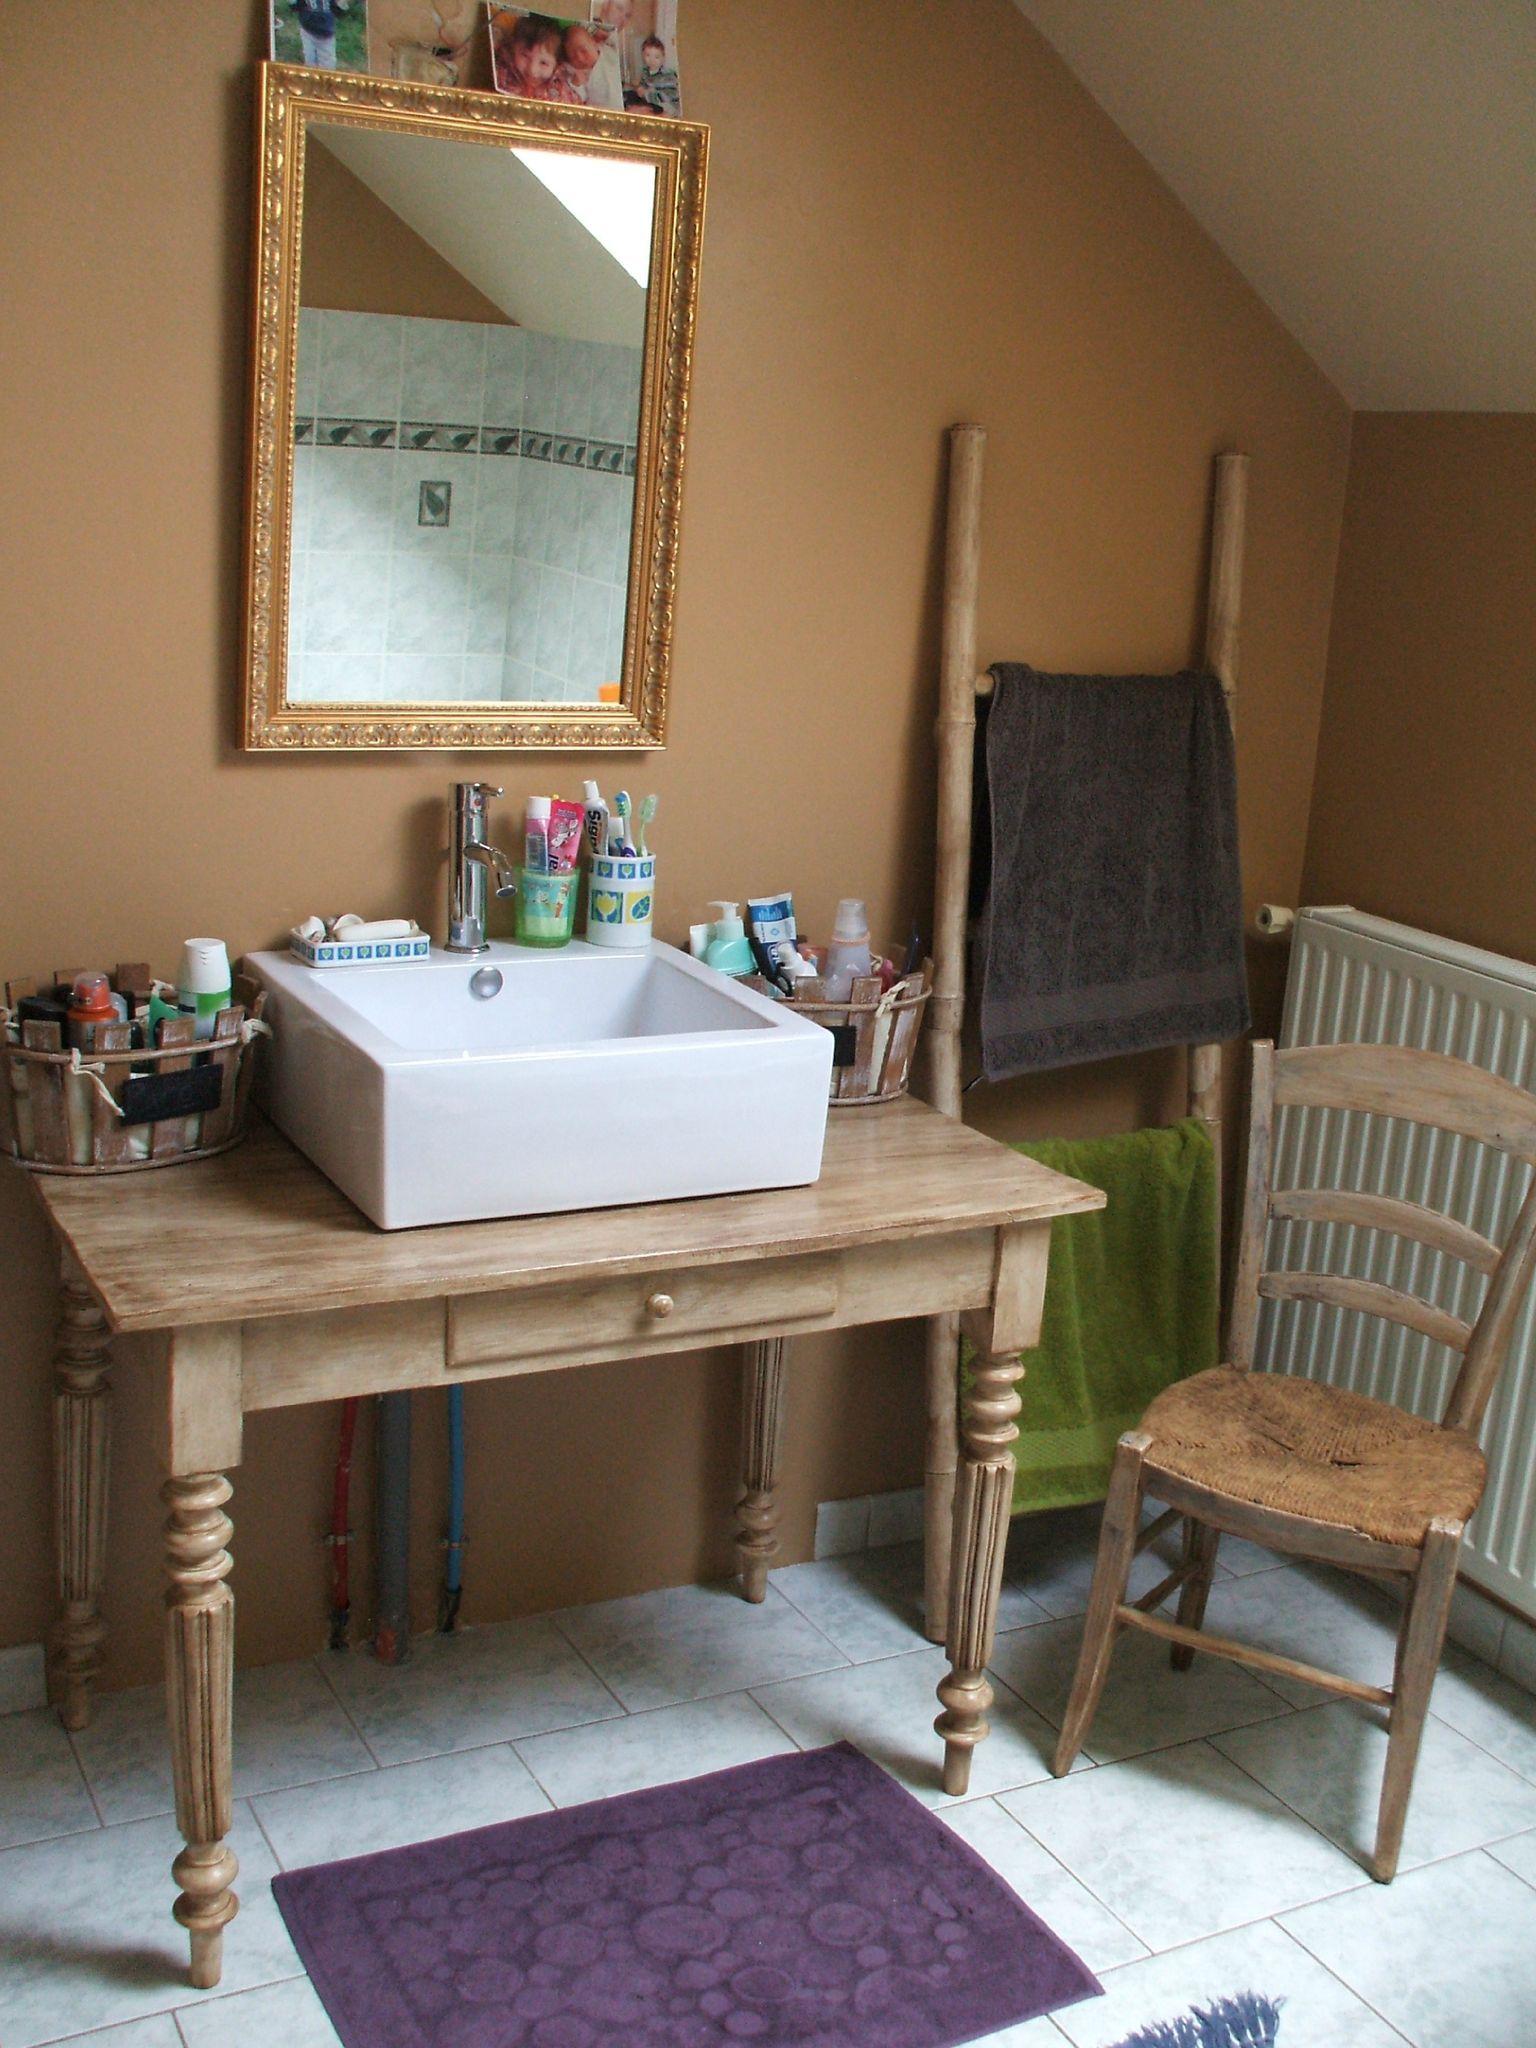 Deco Un Meuble De Salle De Bain Diy 1 Meuble De Salle De Bain Decoration Salle De Bain Meuble Vasque